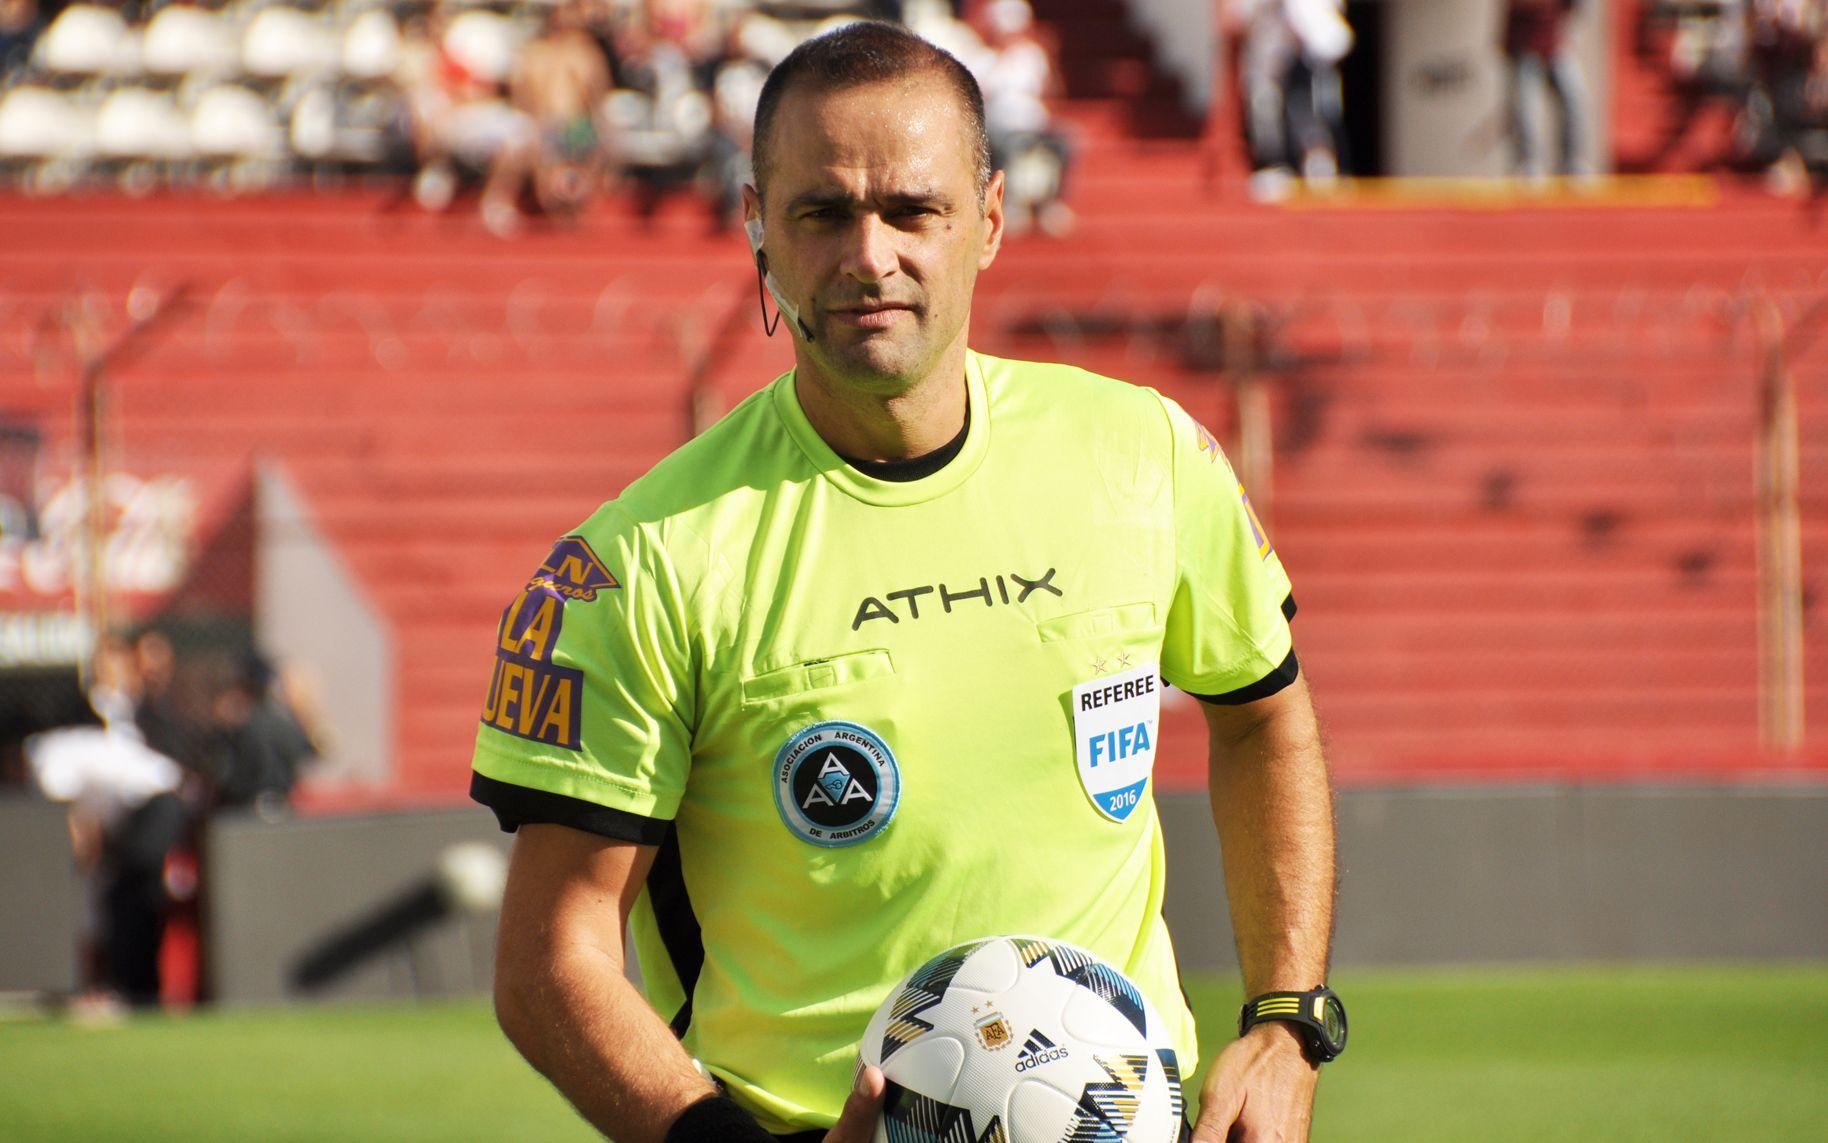 Diego Abal impartirá justicia en el clásico